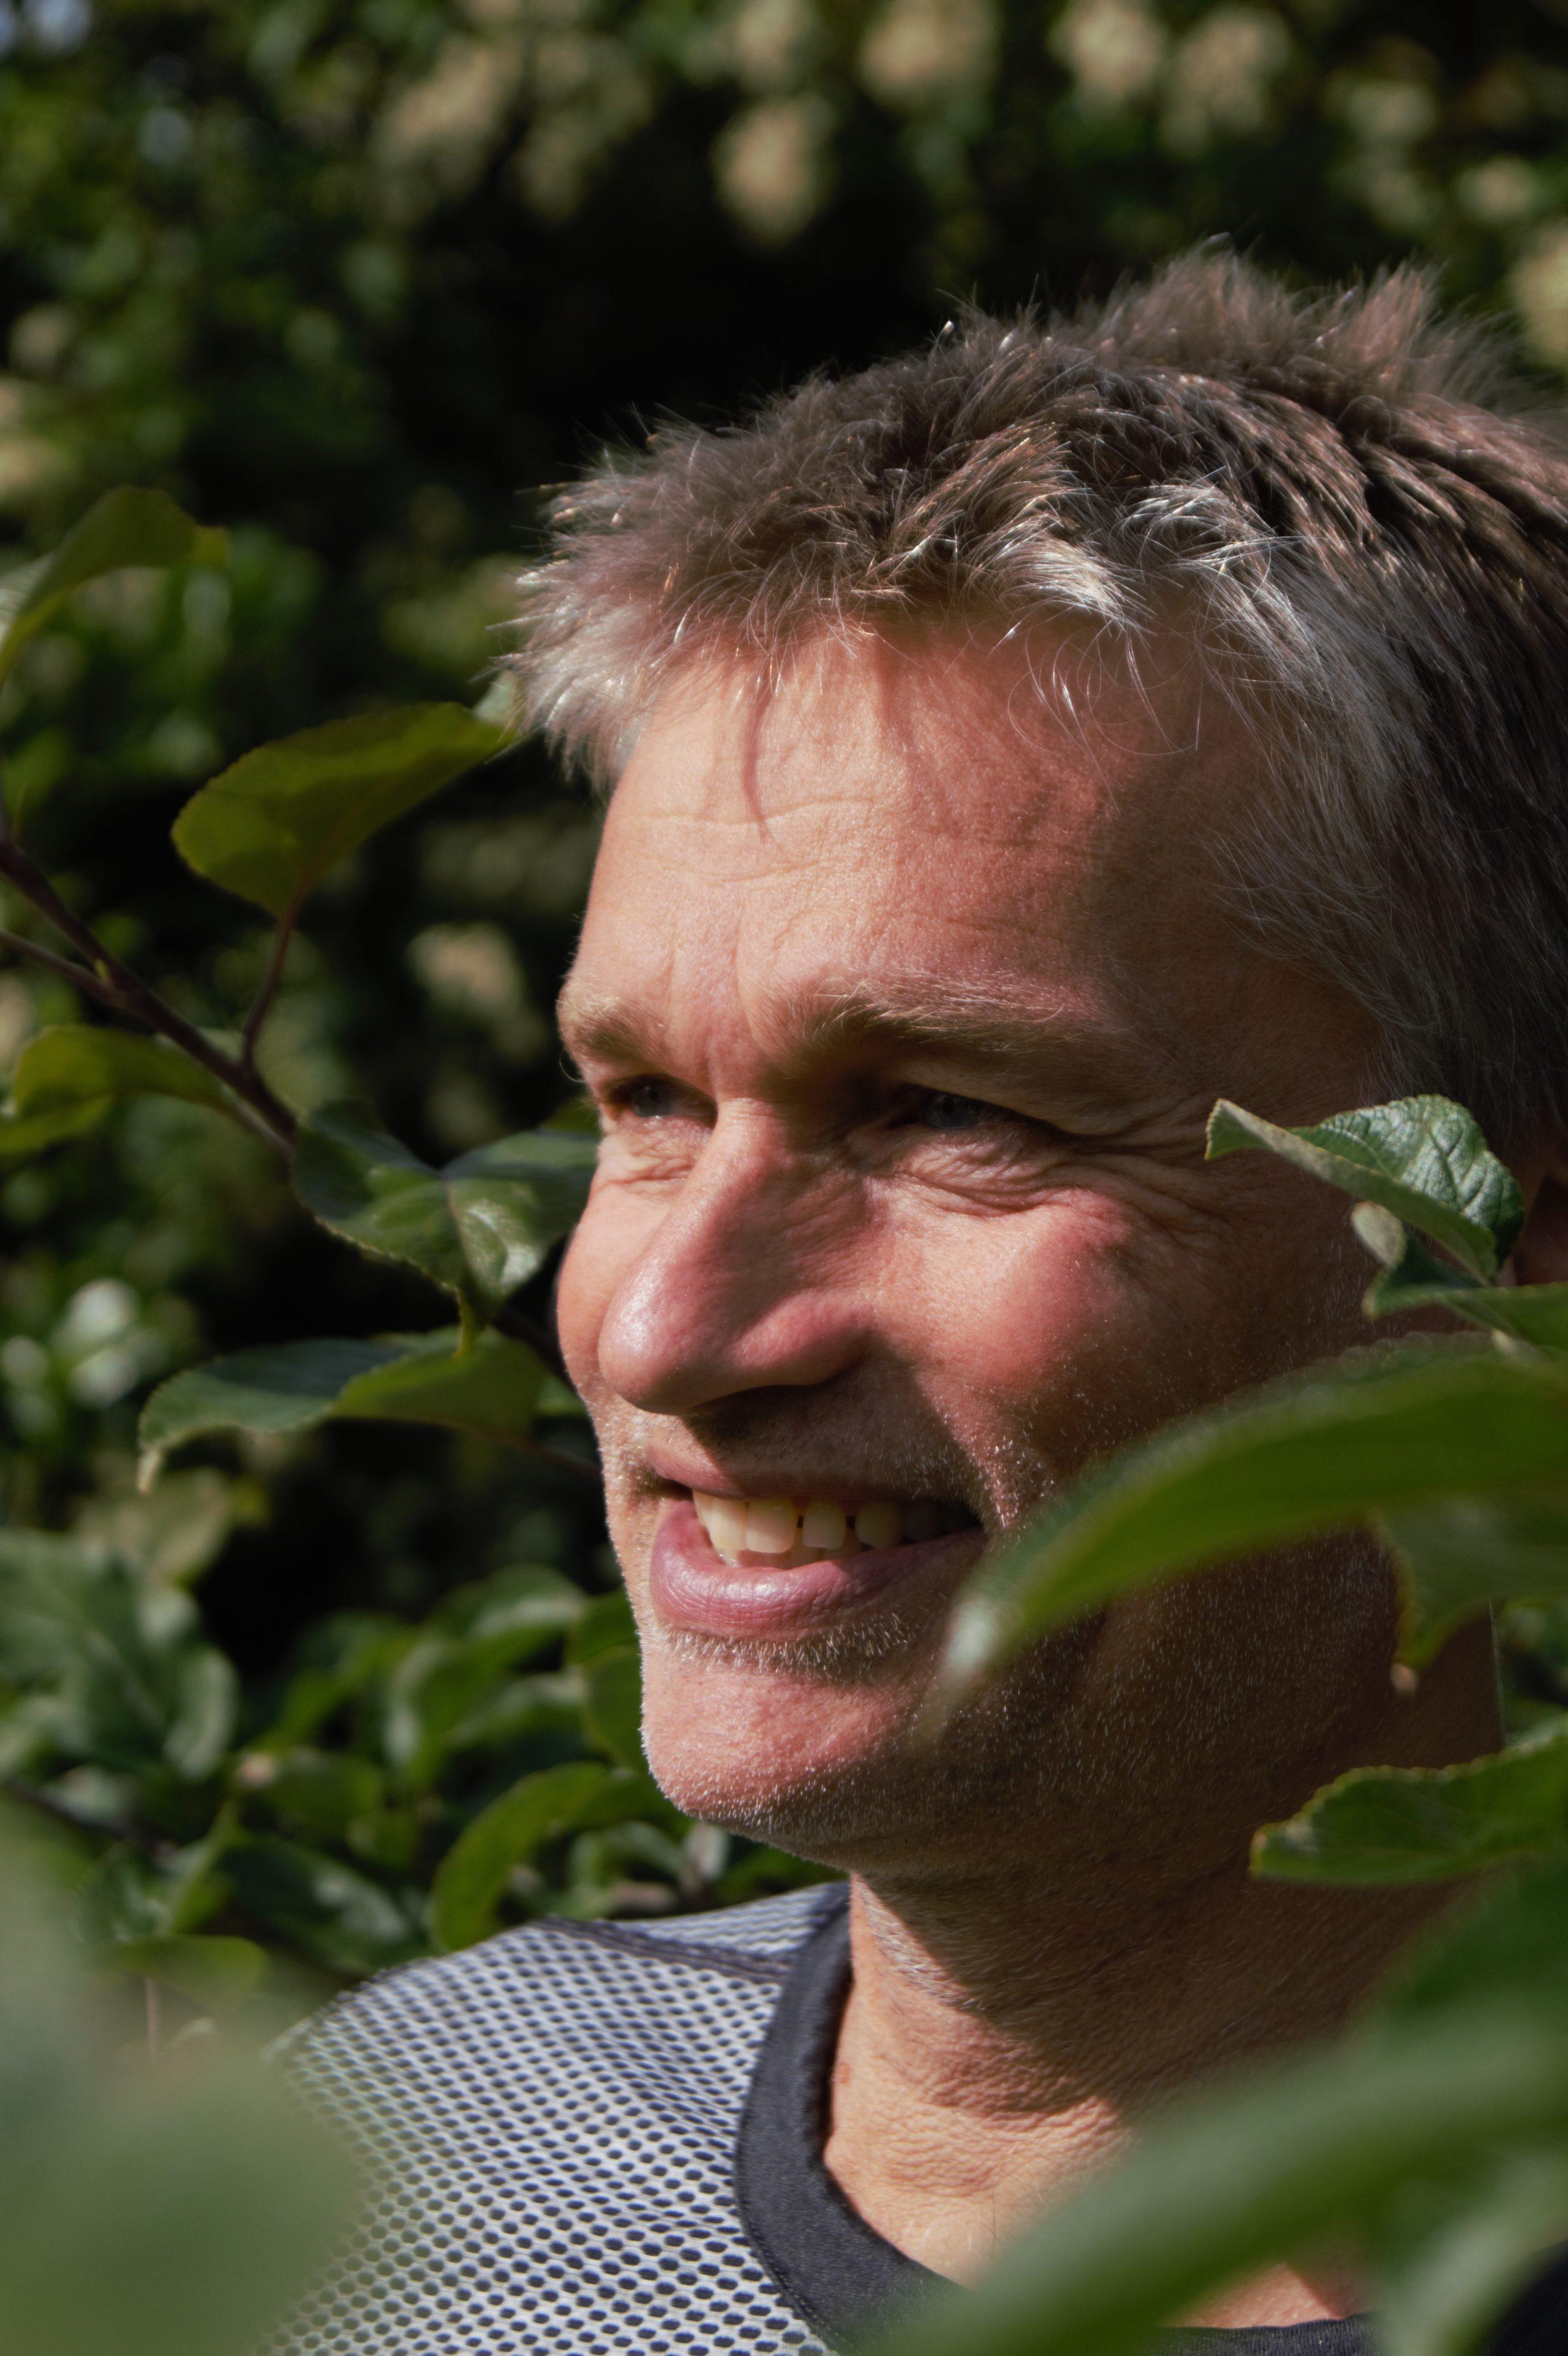 David Lohmann